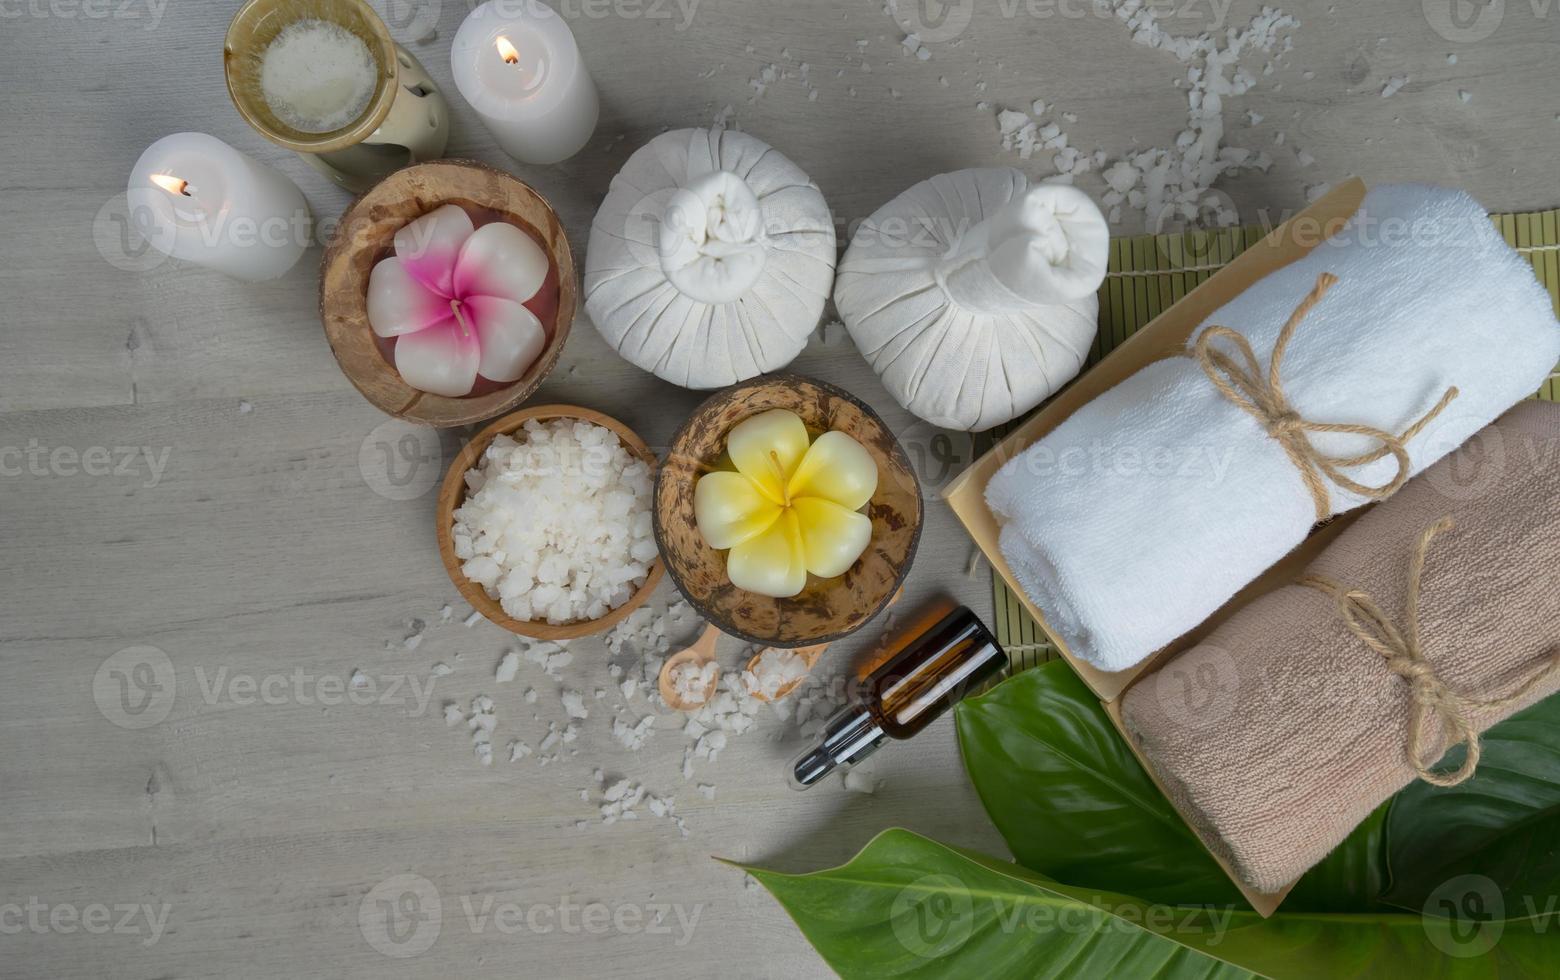 vista de cima, composição do tratamento de spa na mesa de madeira foto